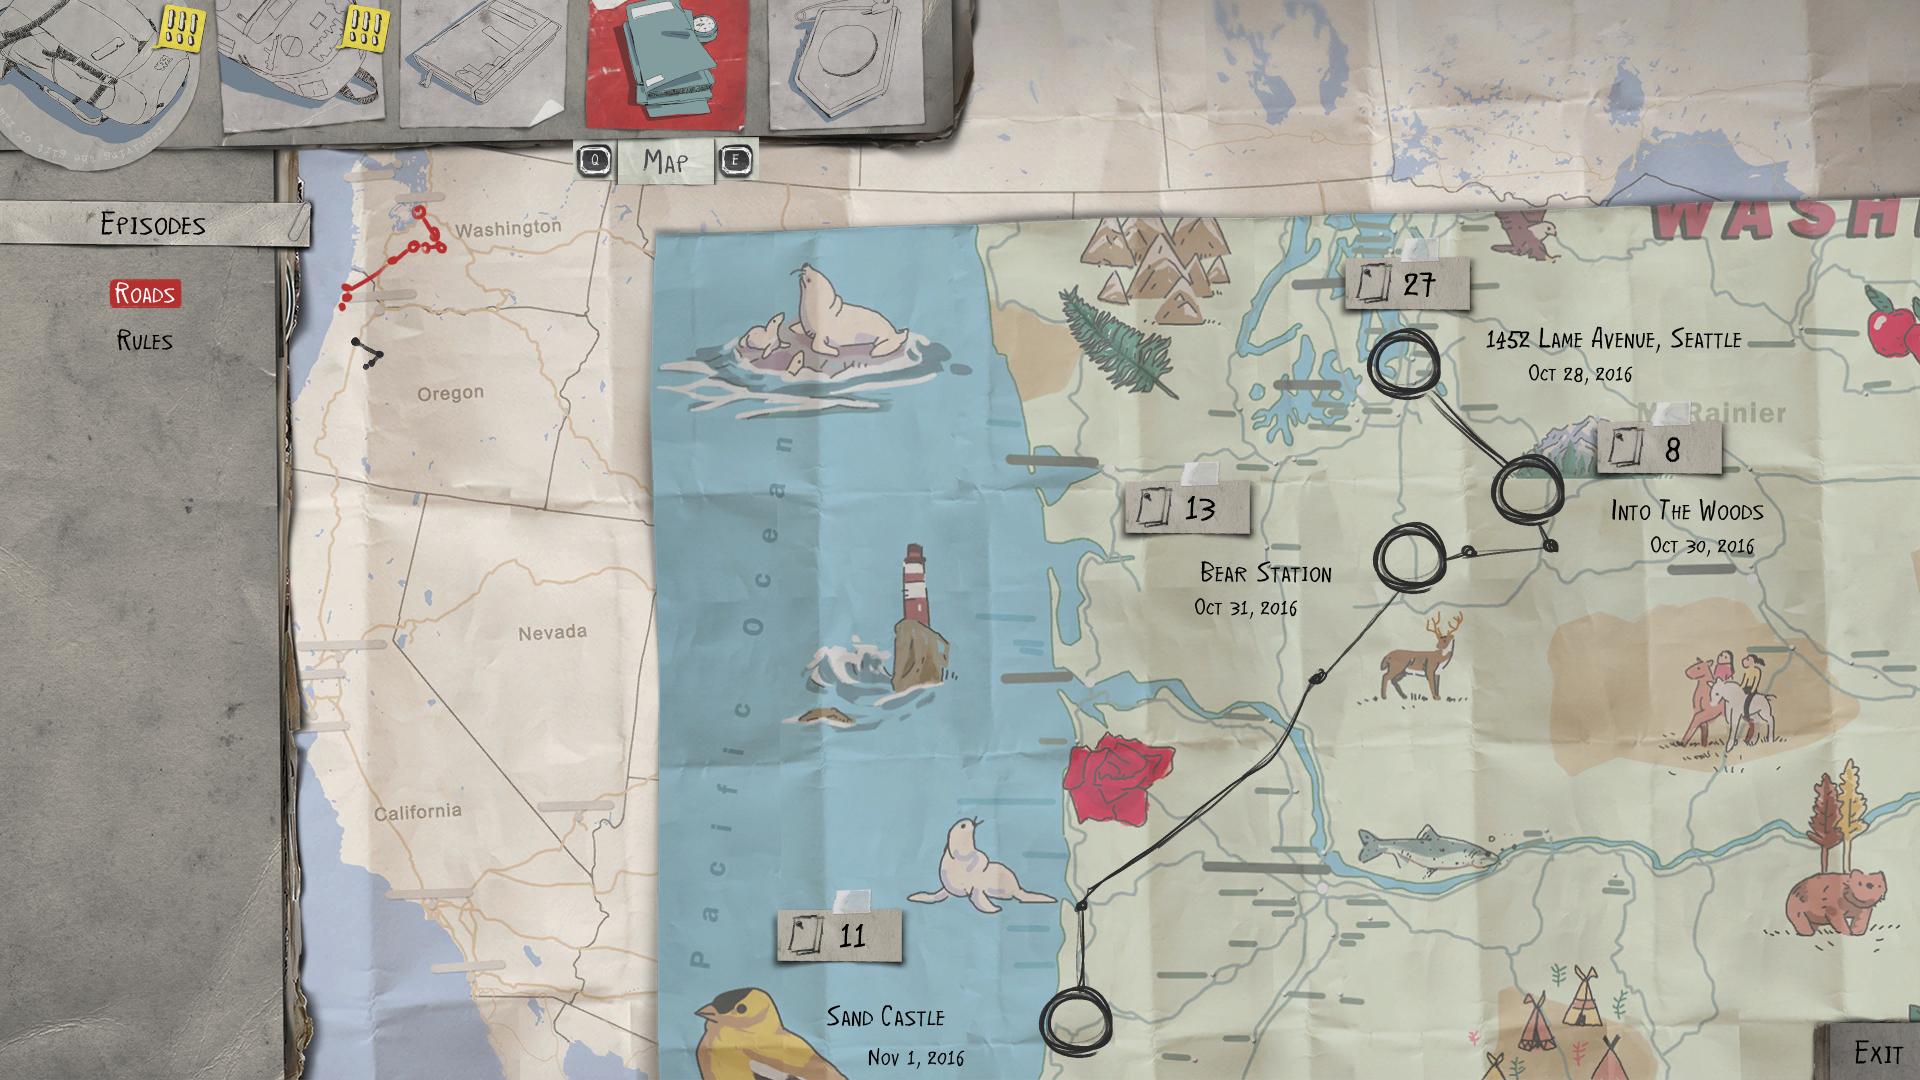 Sean's Map